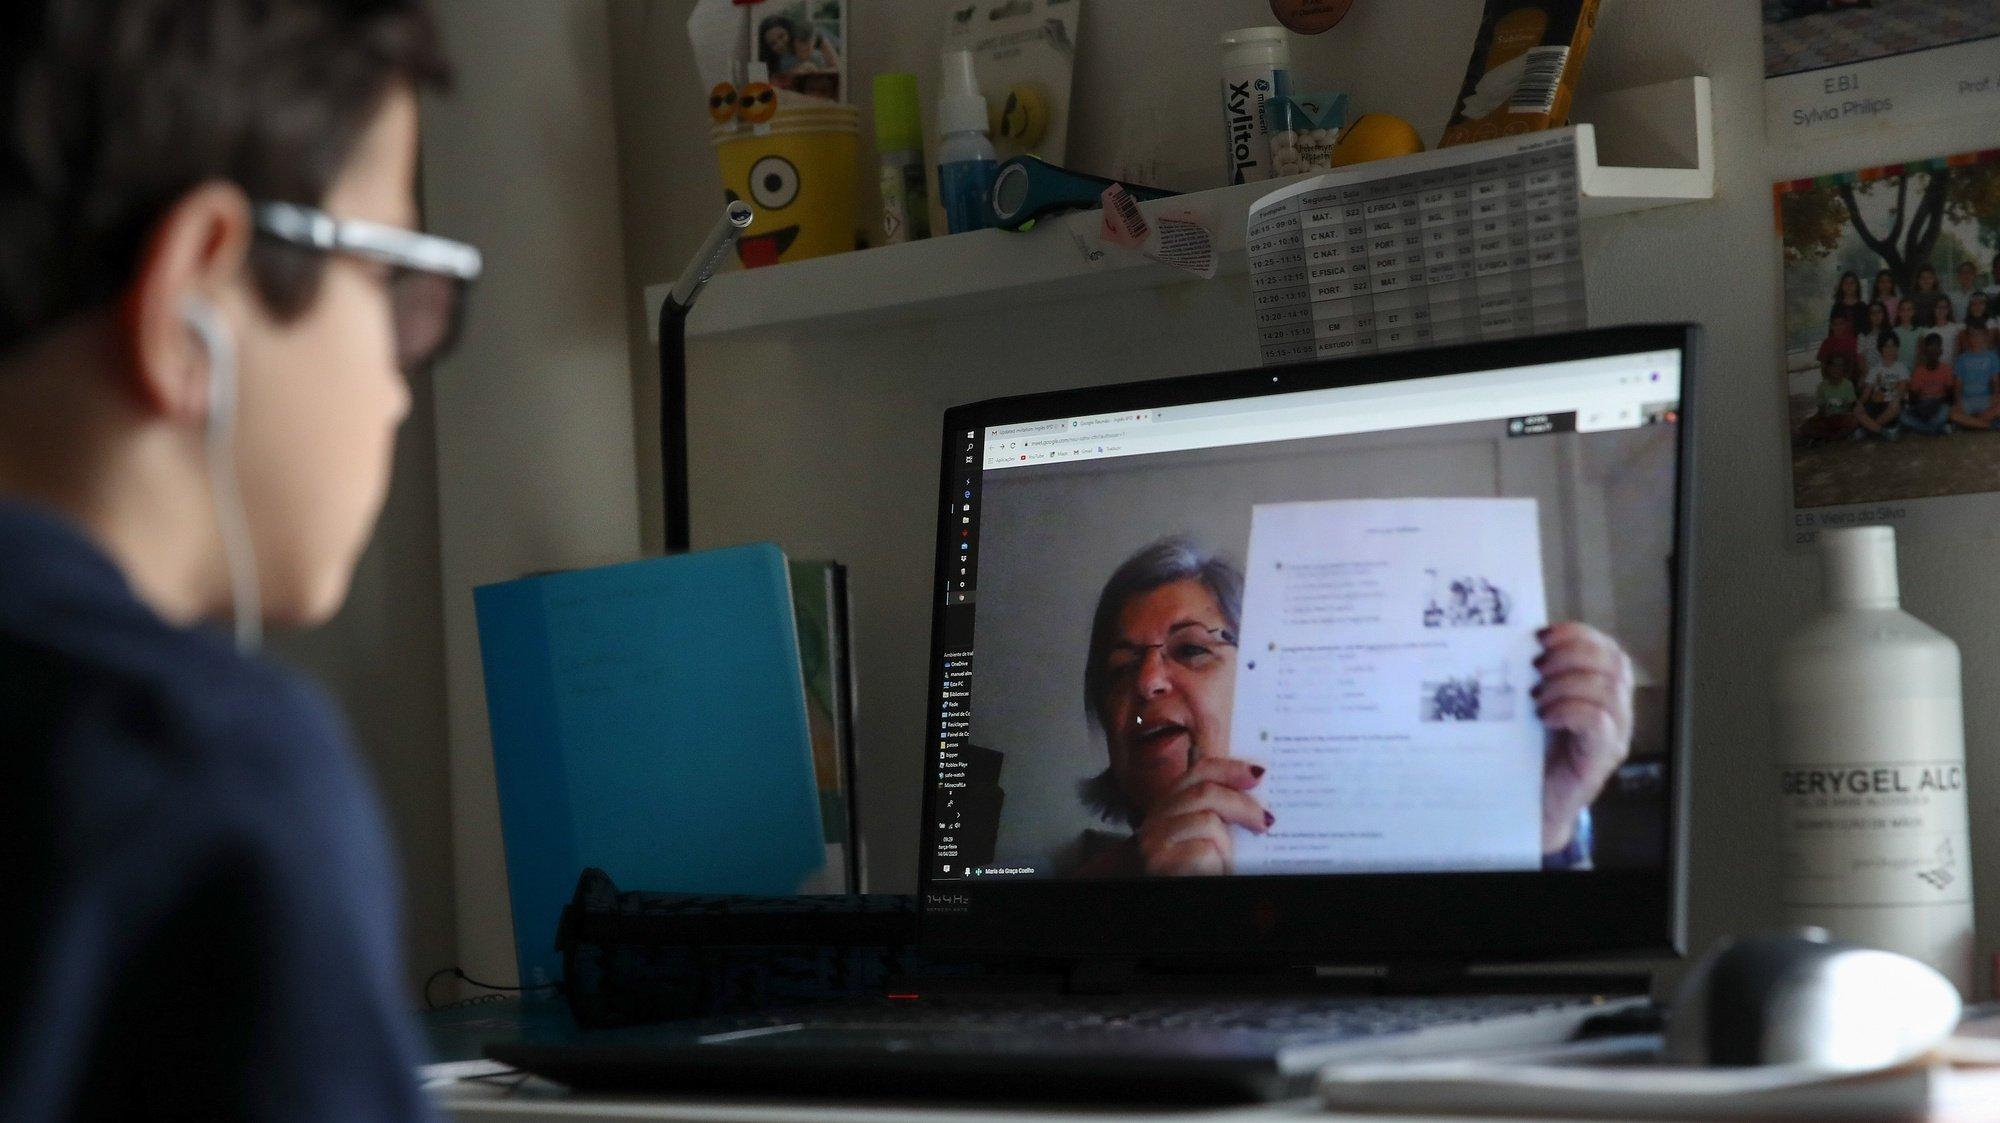 Um aluno do ensino básico durante uma aula online devido à pandemia de coronavírus (Covid-19), Lisboa, 14 de abril de 2020. Com o início do terceiro período regressa o modelo de ensino à distância, uma vez que o executivo decidiu manter a suspensão das aulas presenciais para todos os alunos do ensino obrigatório, admitindo apenas o eventual regresso às escolas dos alunos dos 11.º e 12.º ano, devido à pandemia da covid-19. MANUEL DE ALMEIDA/LUSA